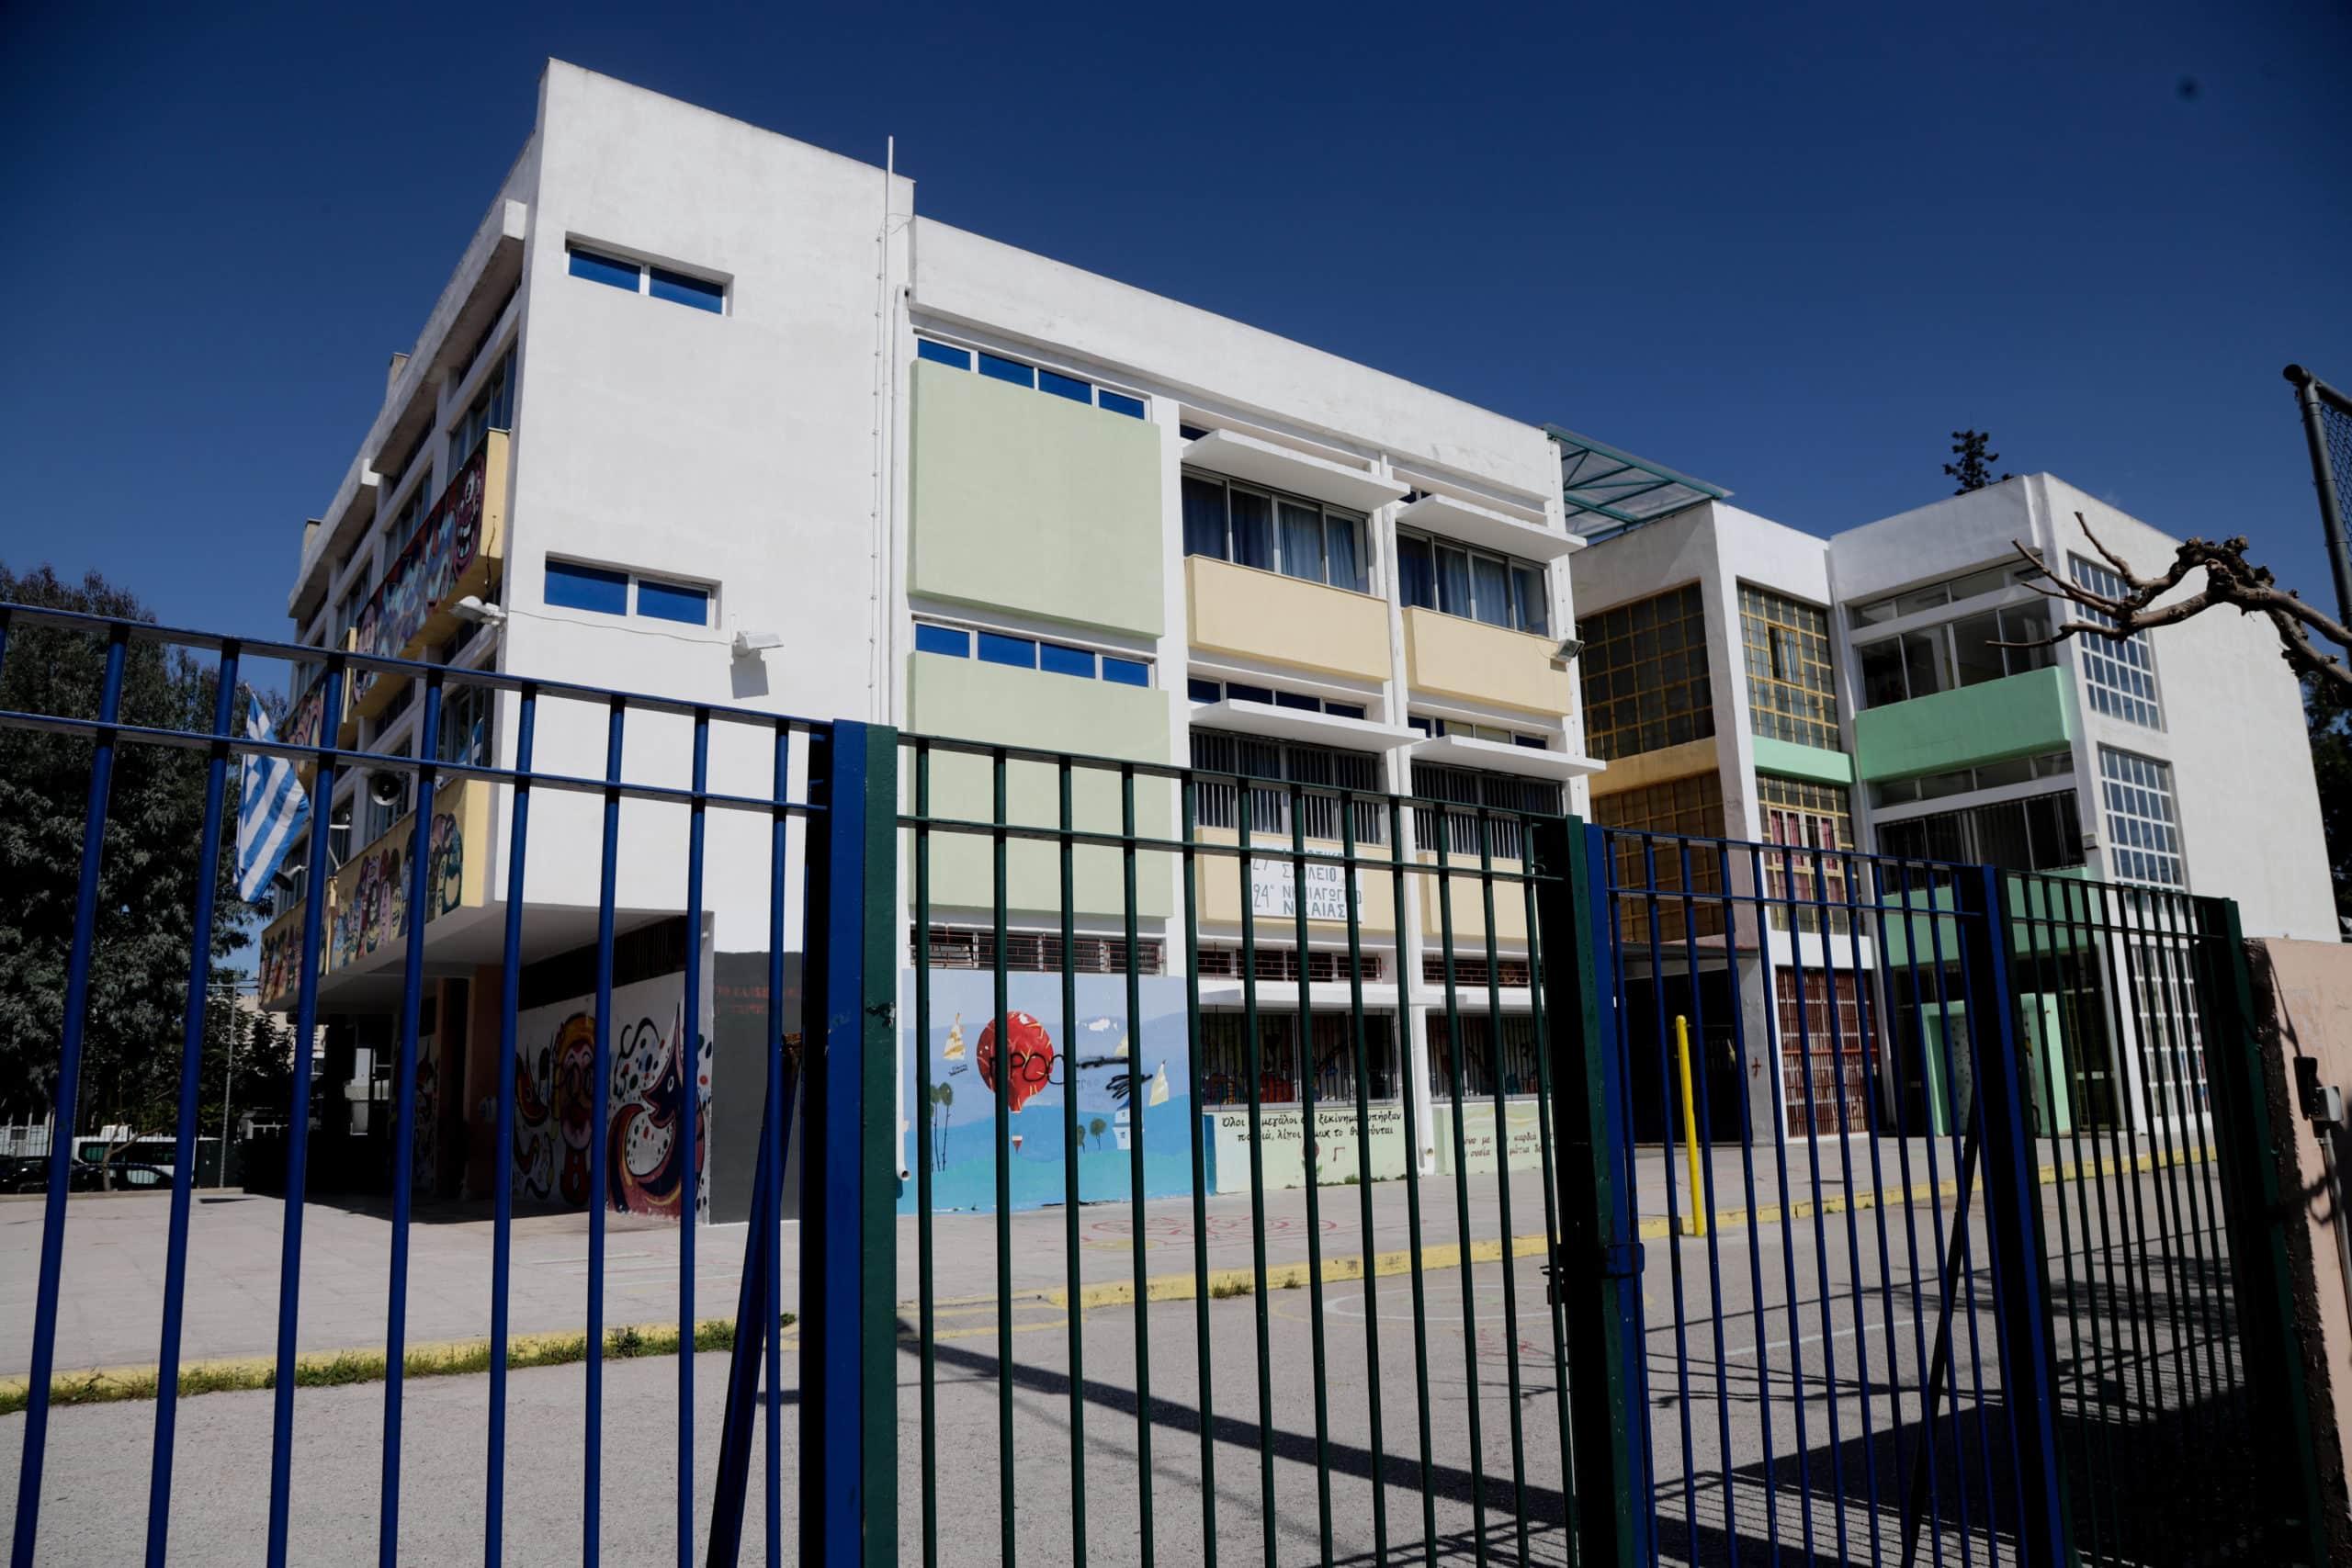 Σχολεία: Πότε ανοίγουν Τα πιθανά σενάρια - Κορονοϊός